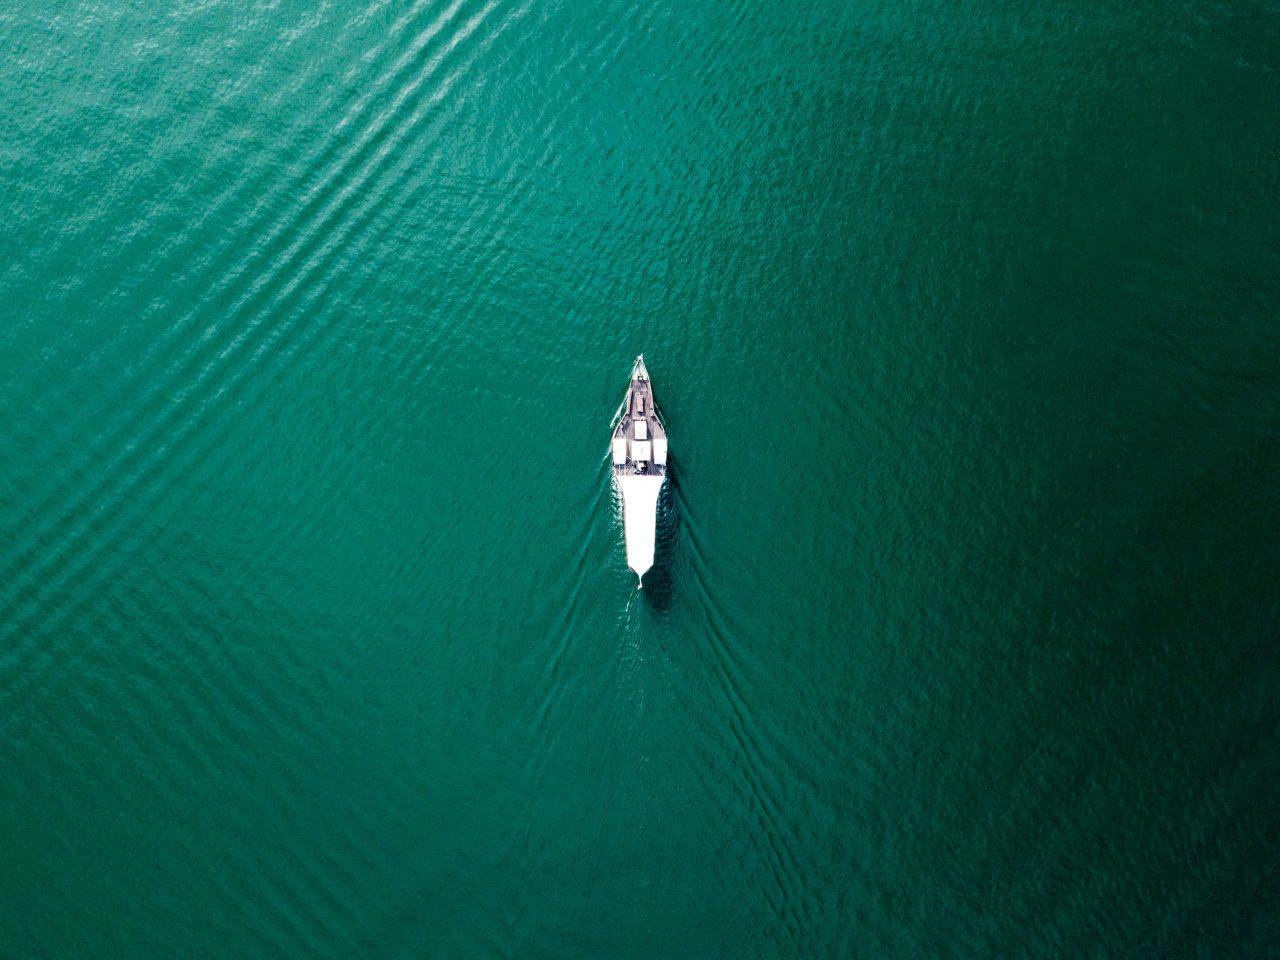 単独で海を行く船